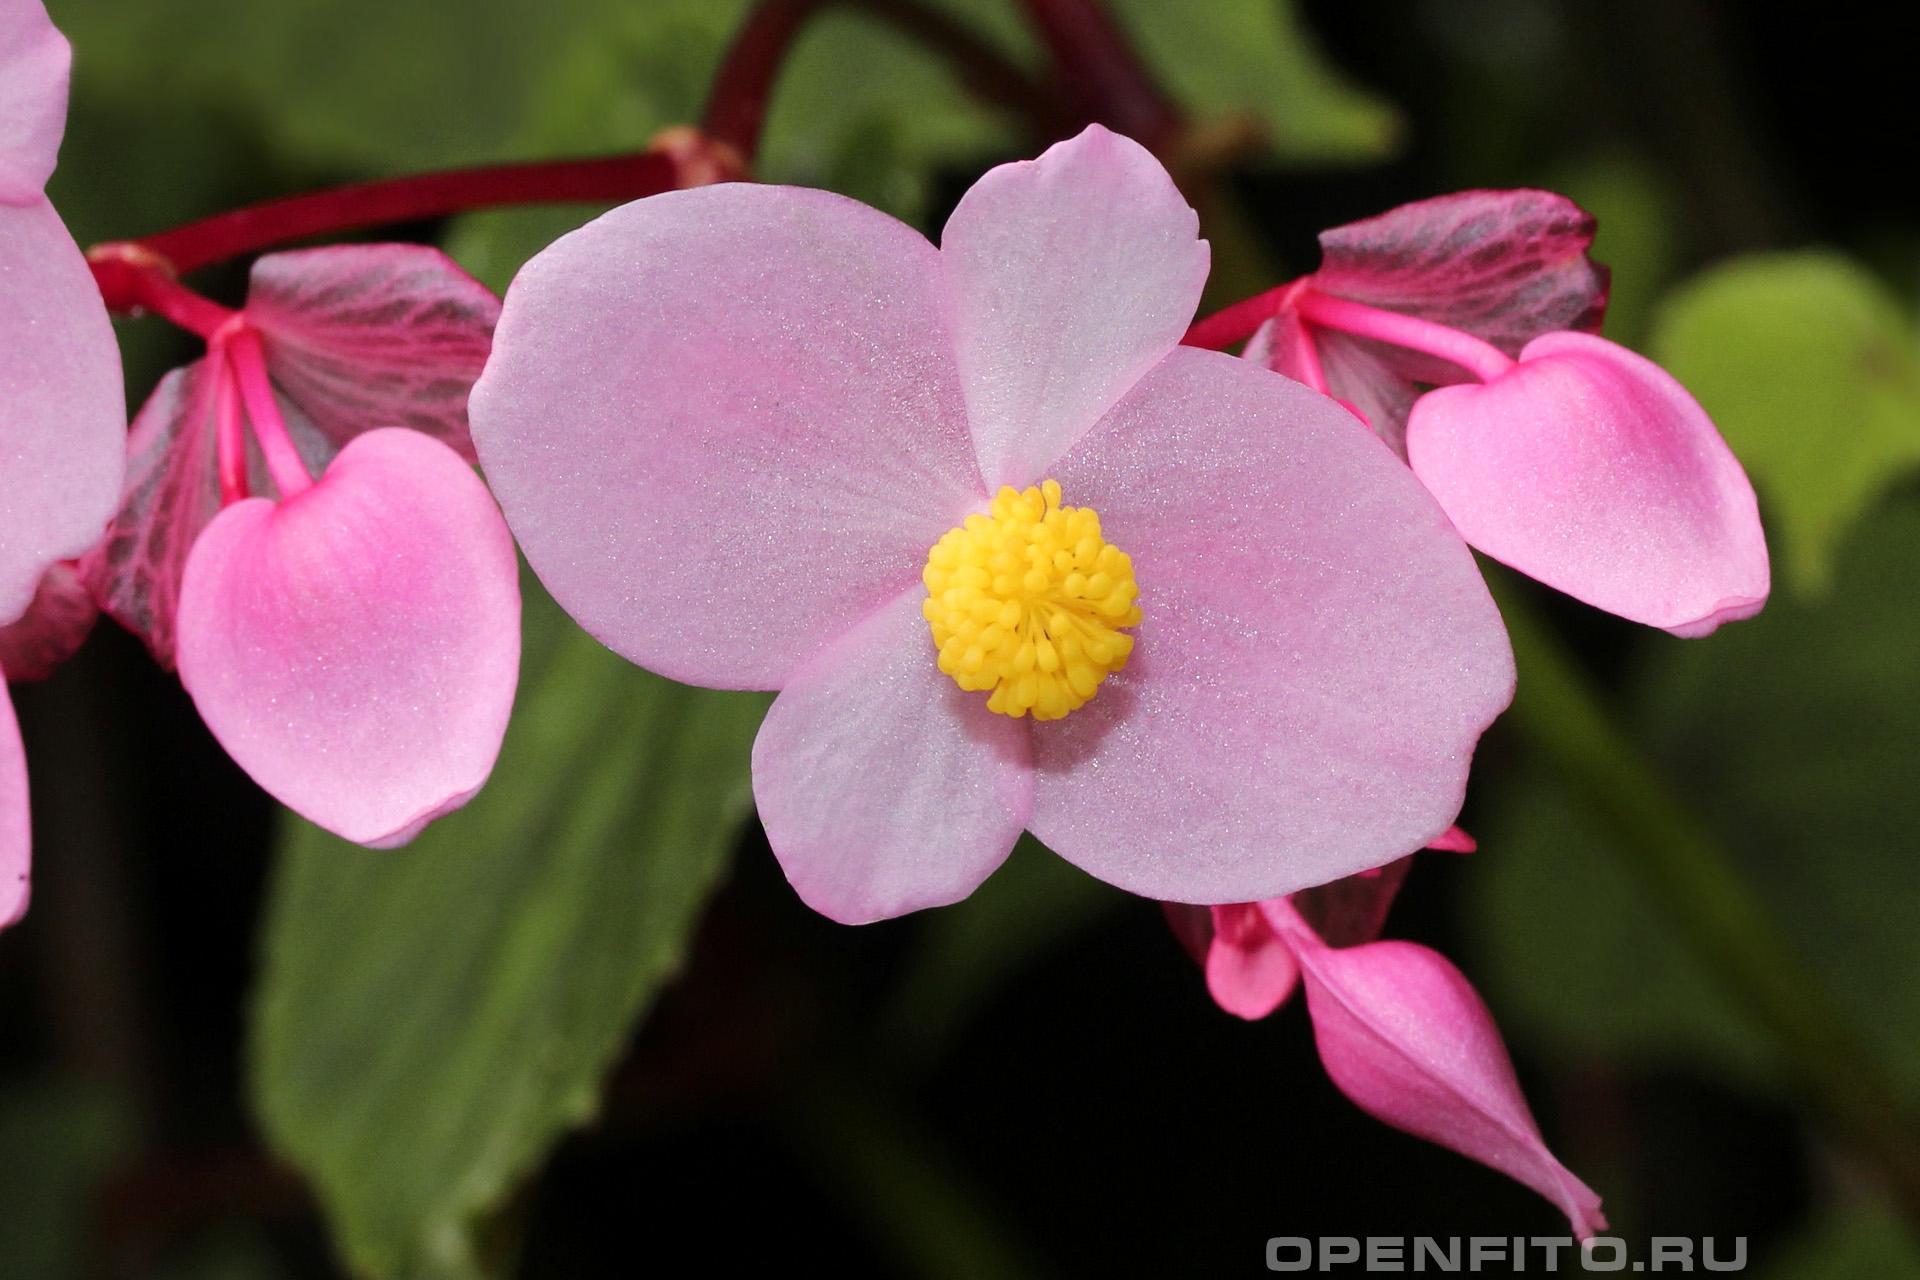 Бегония садовая популярный садовый и домашний цветок, другое название: Бегония вечноцветущая